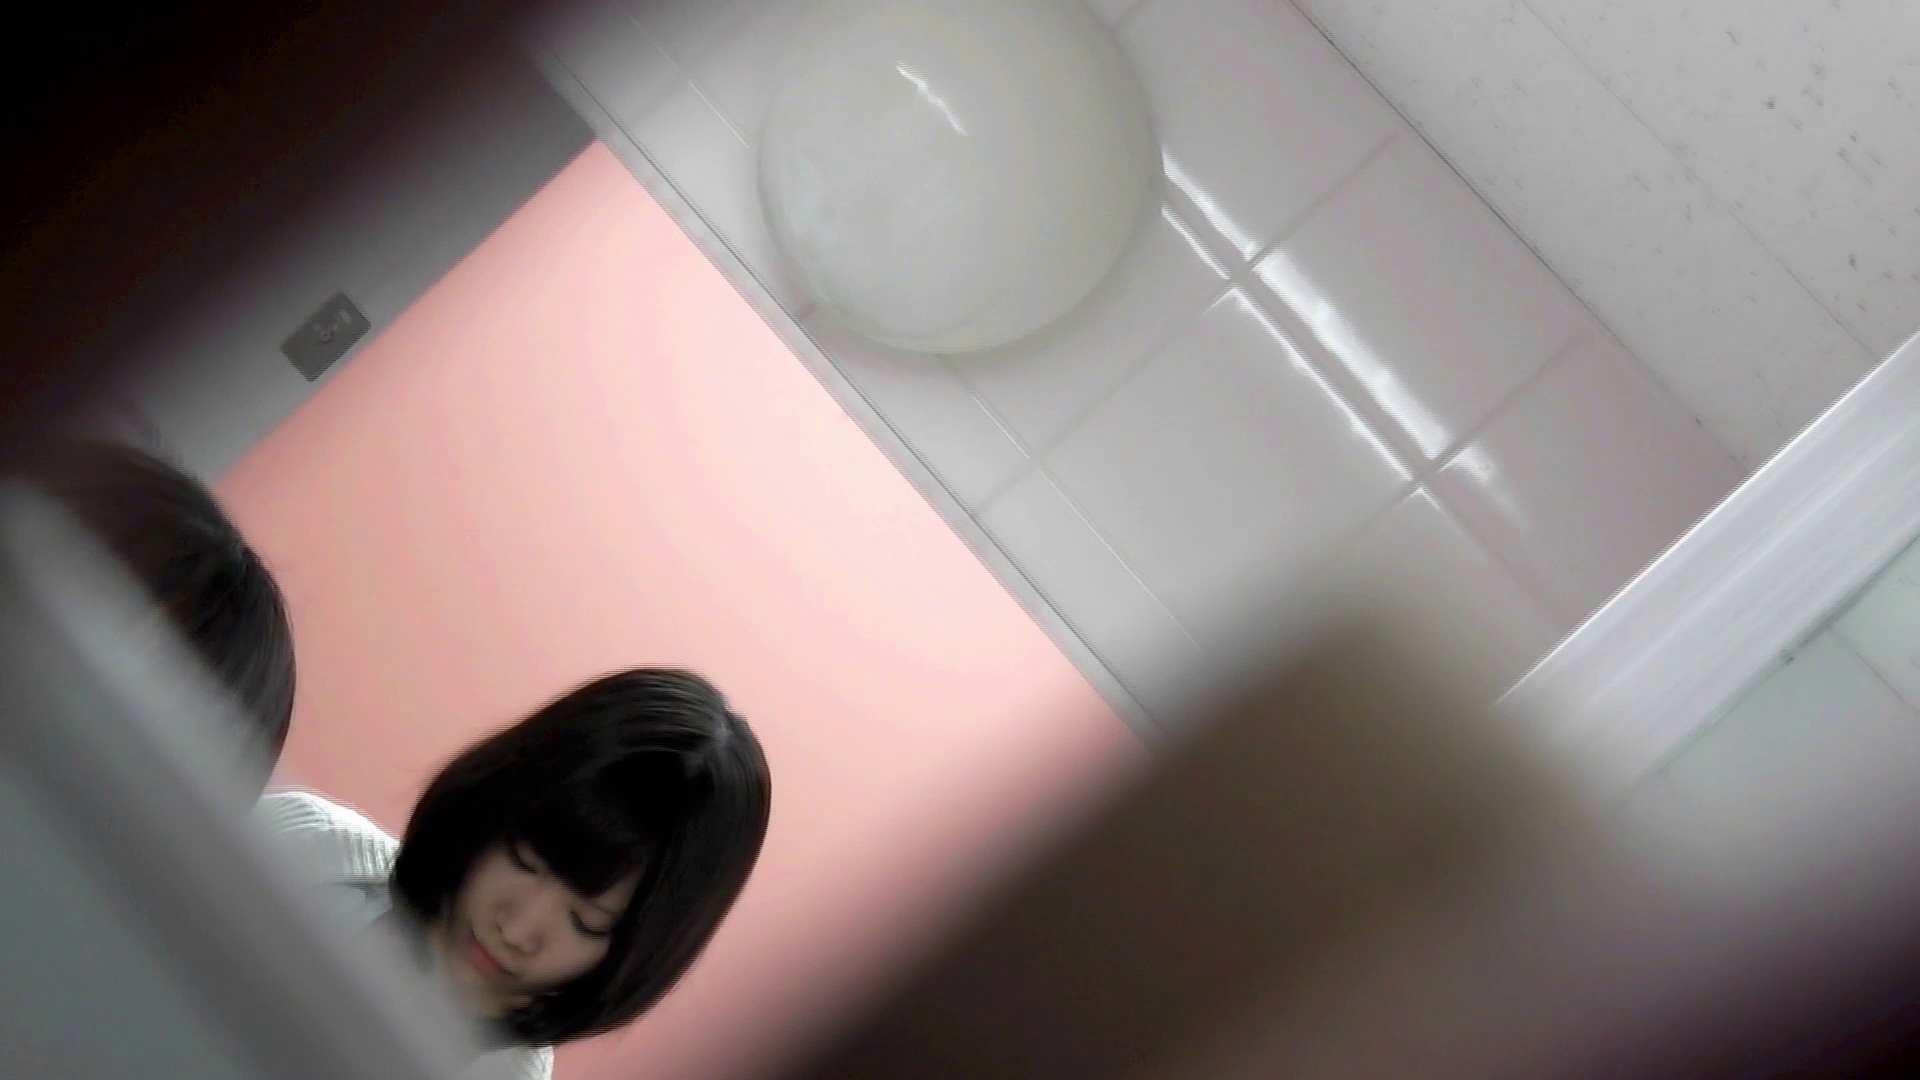 美しい日本の未来 No.29 豹柄サンダルは便秘気味??? 盛合せ  111PIX 13